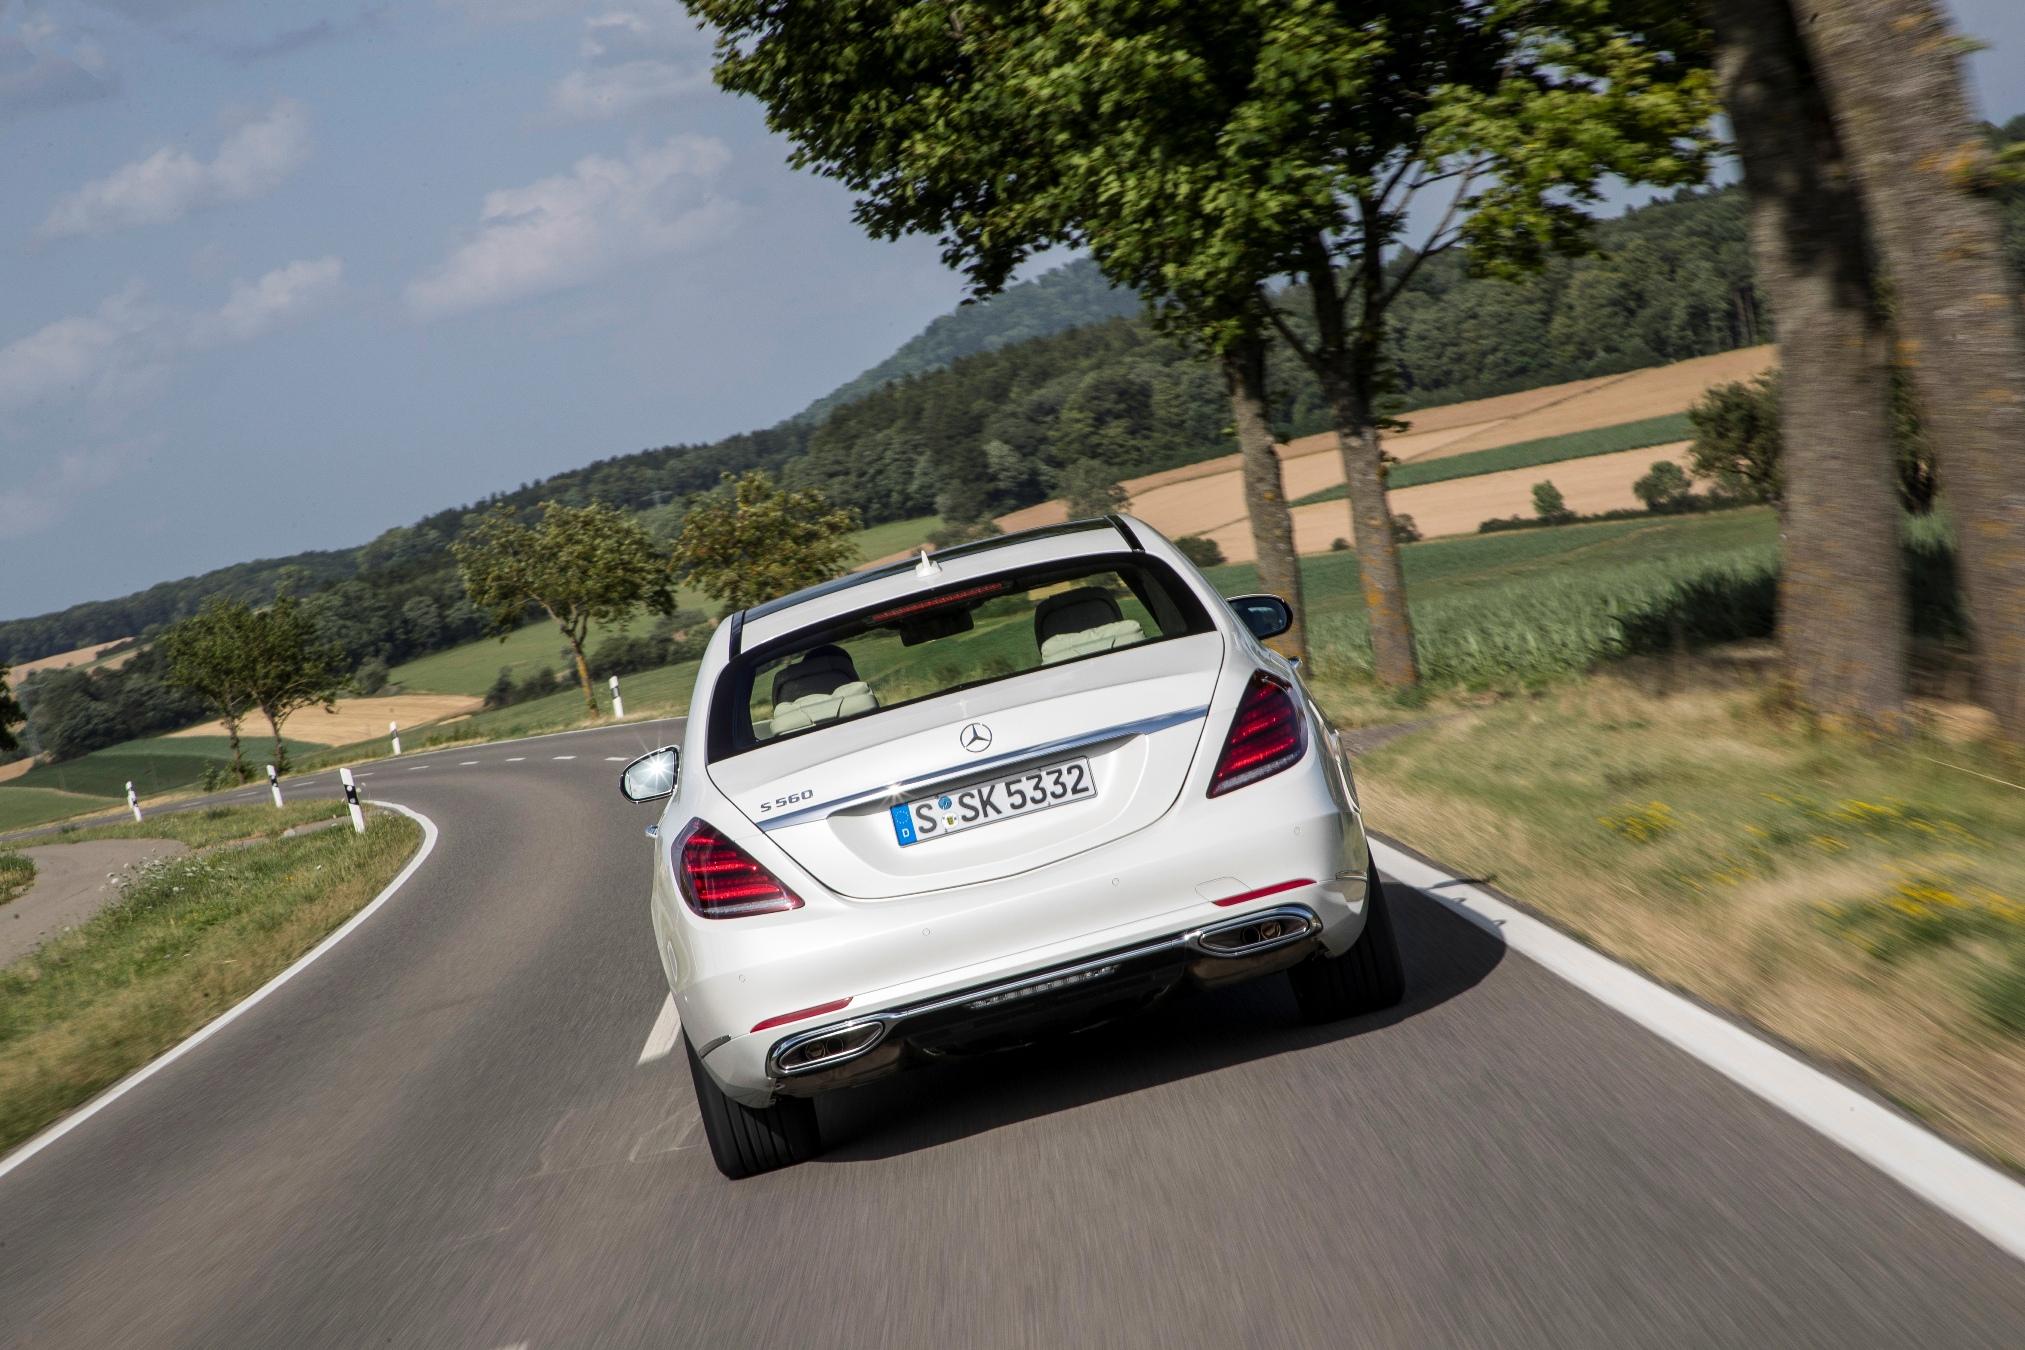 Mercedes S-Klasse im Test: Das selbstfahrende Auto ist schon sehr nahe - Die neue S-Klasse kann ihre Geschwindigkeit automatisch dem Kurvenlauf anpassen. (Foto: Daimler)